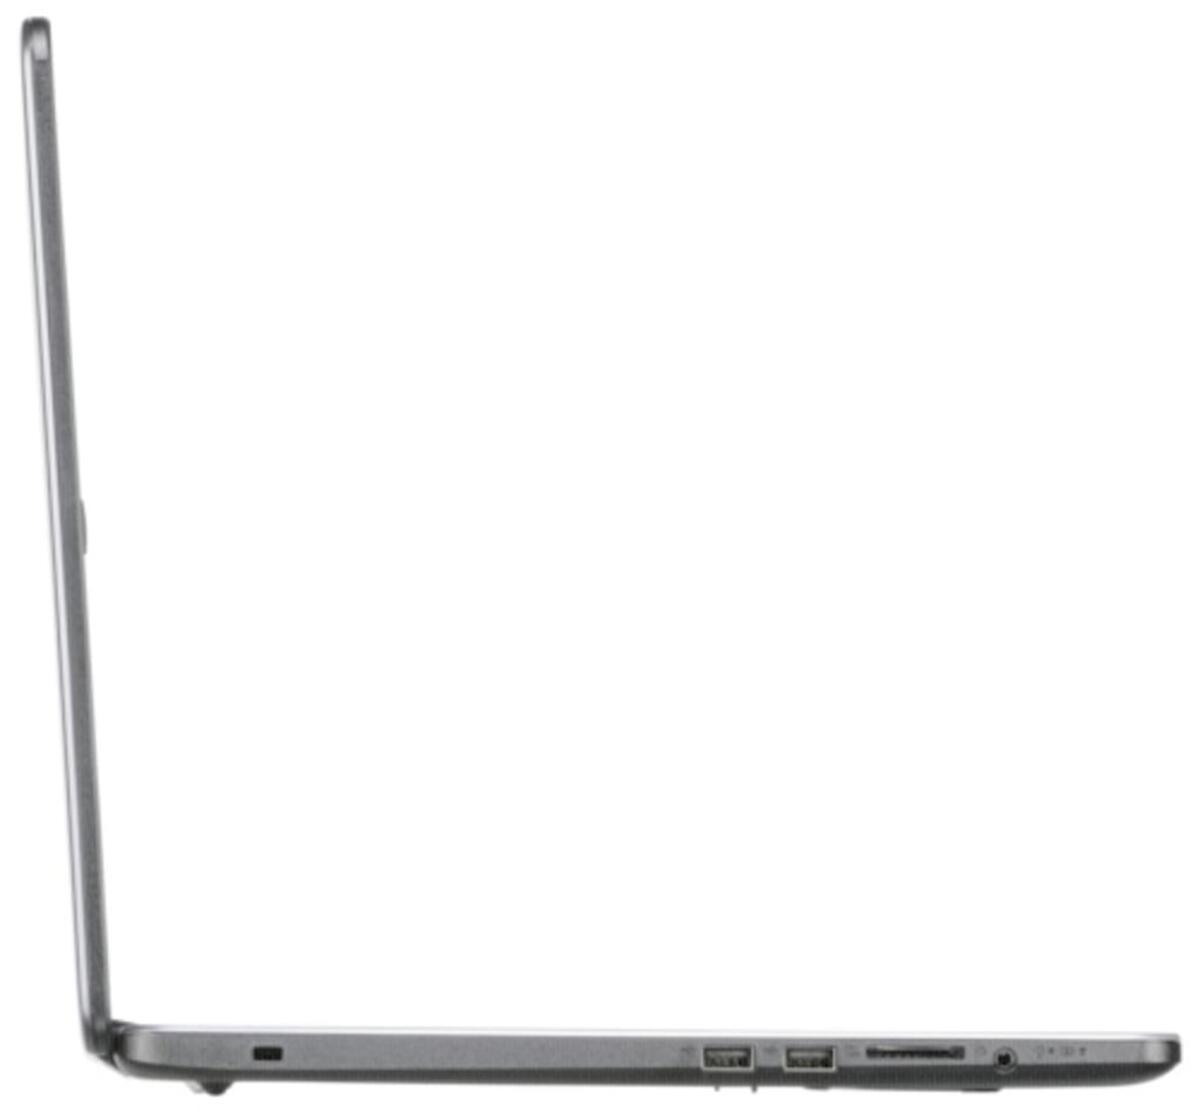 Bild 3 von Asus Laptop 43,94cm (17,3 Zoll) F705UA-BX831T , 4GB RAM, 1TB Speicher, Windows10